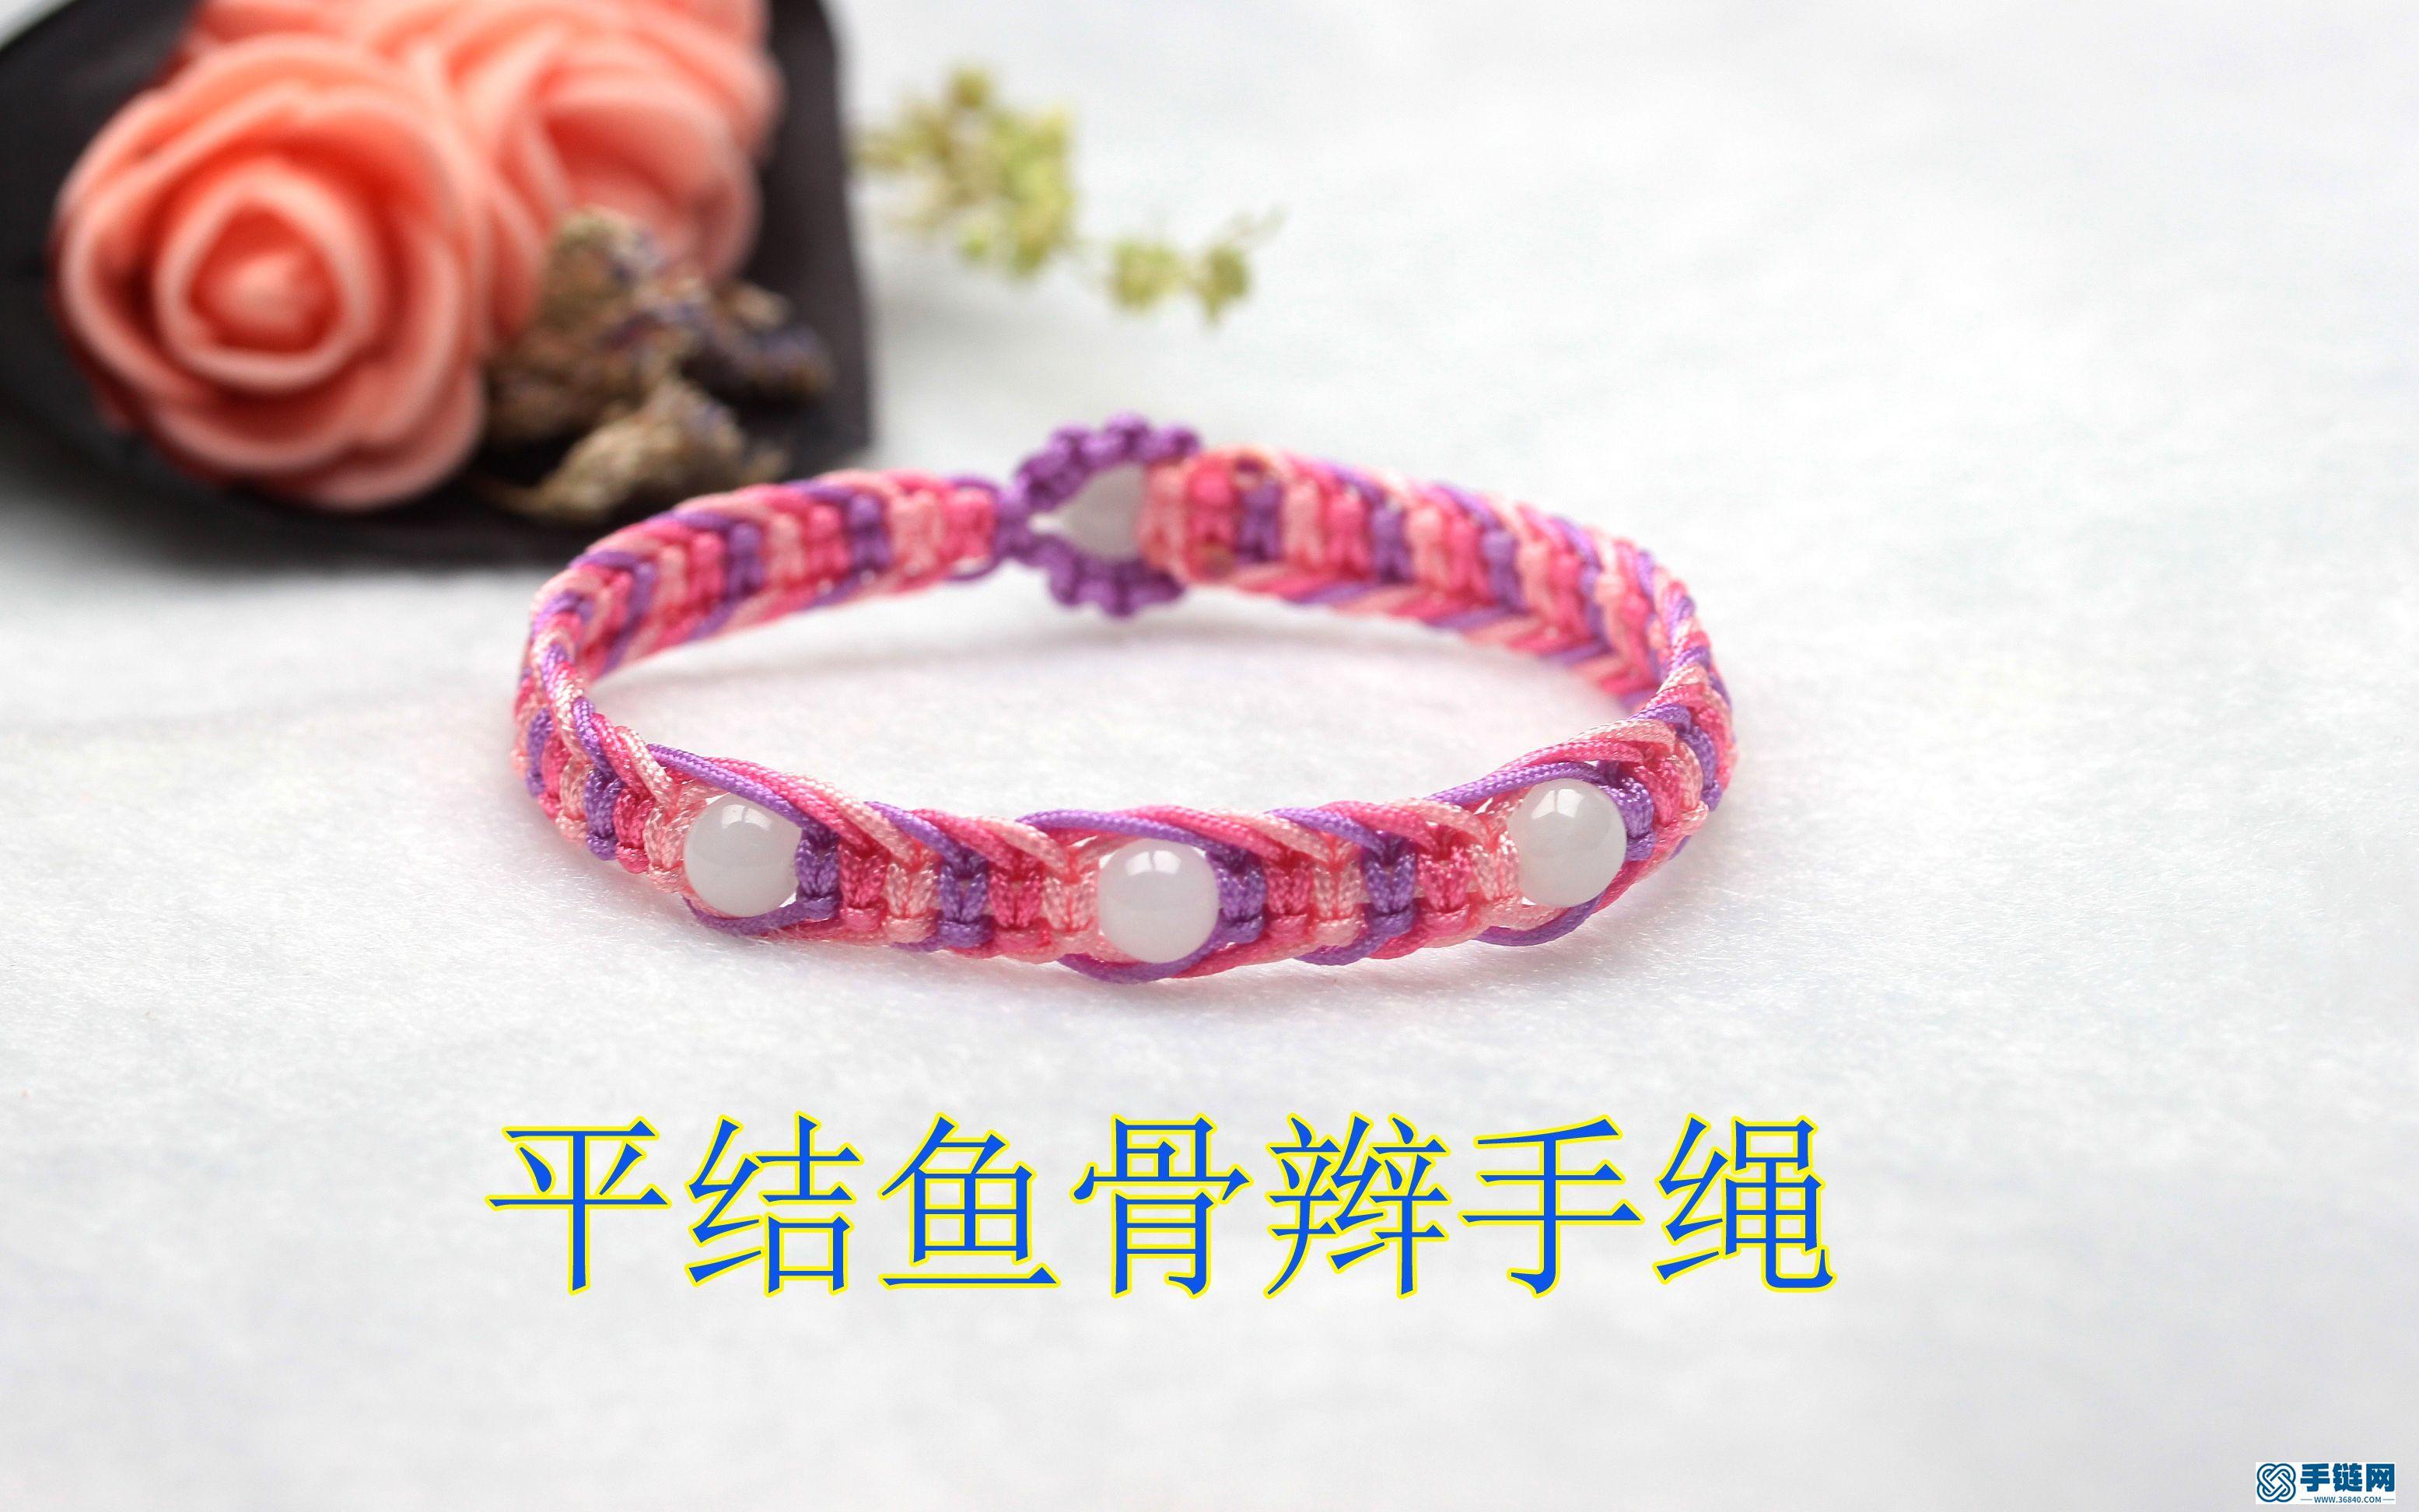 平结鱼骨辫手绳编织教程视频